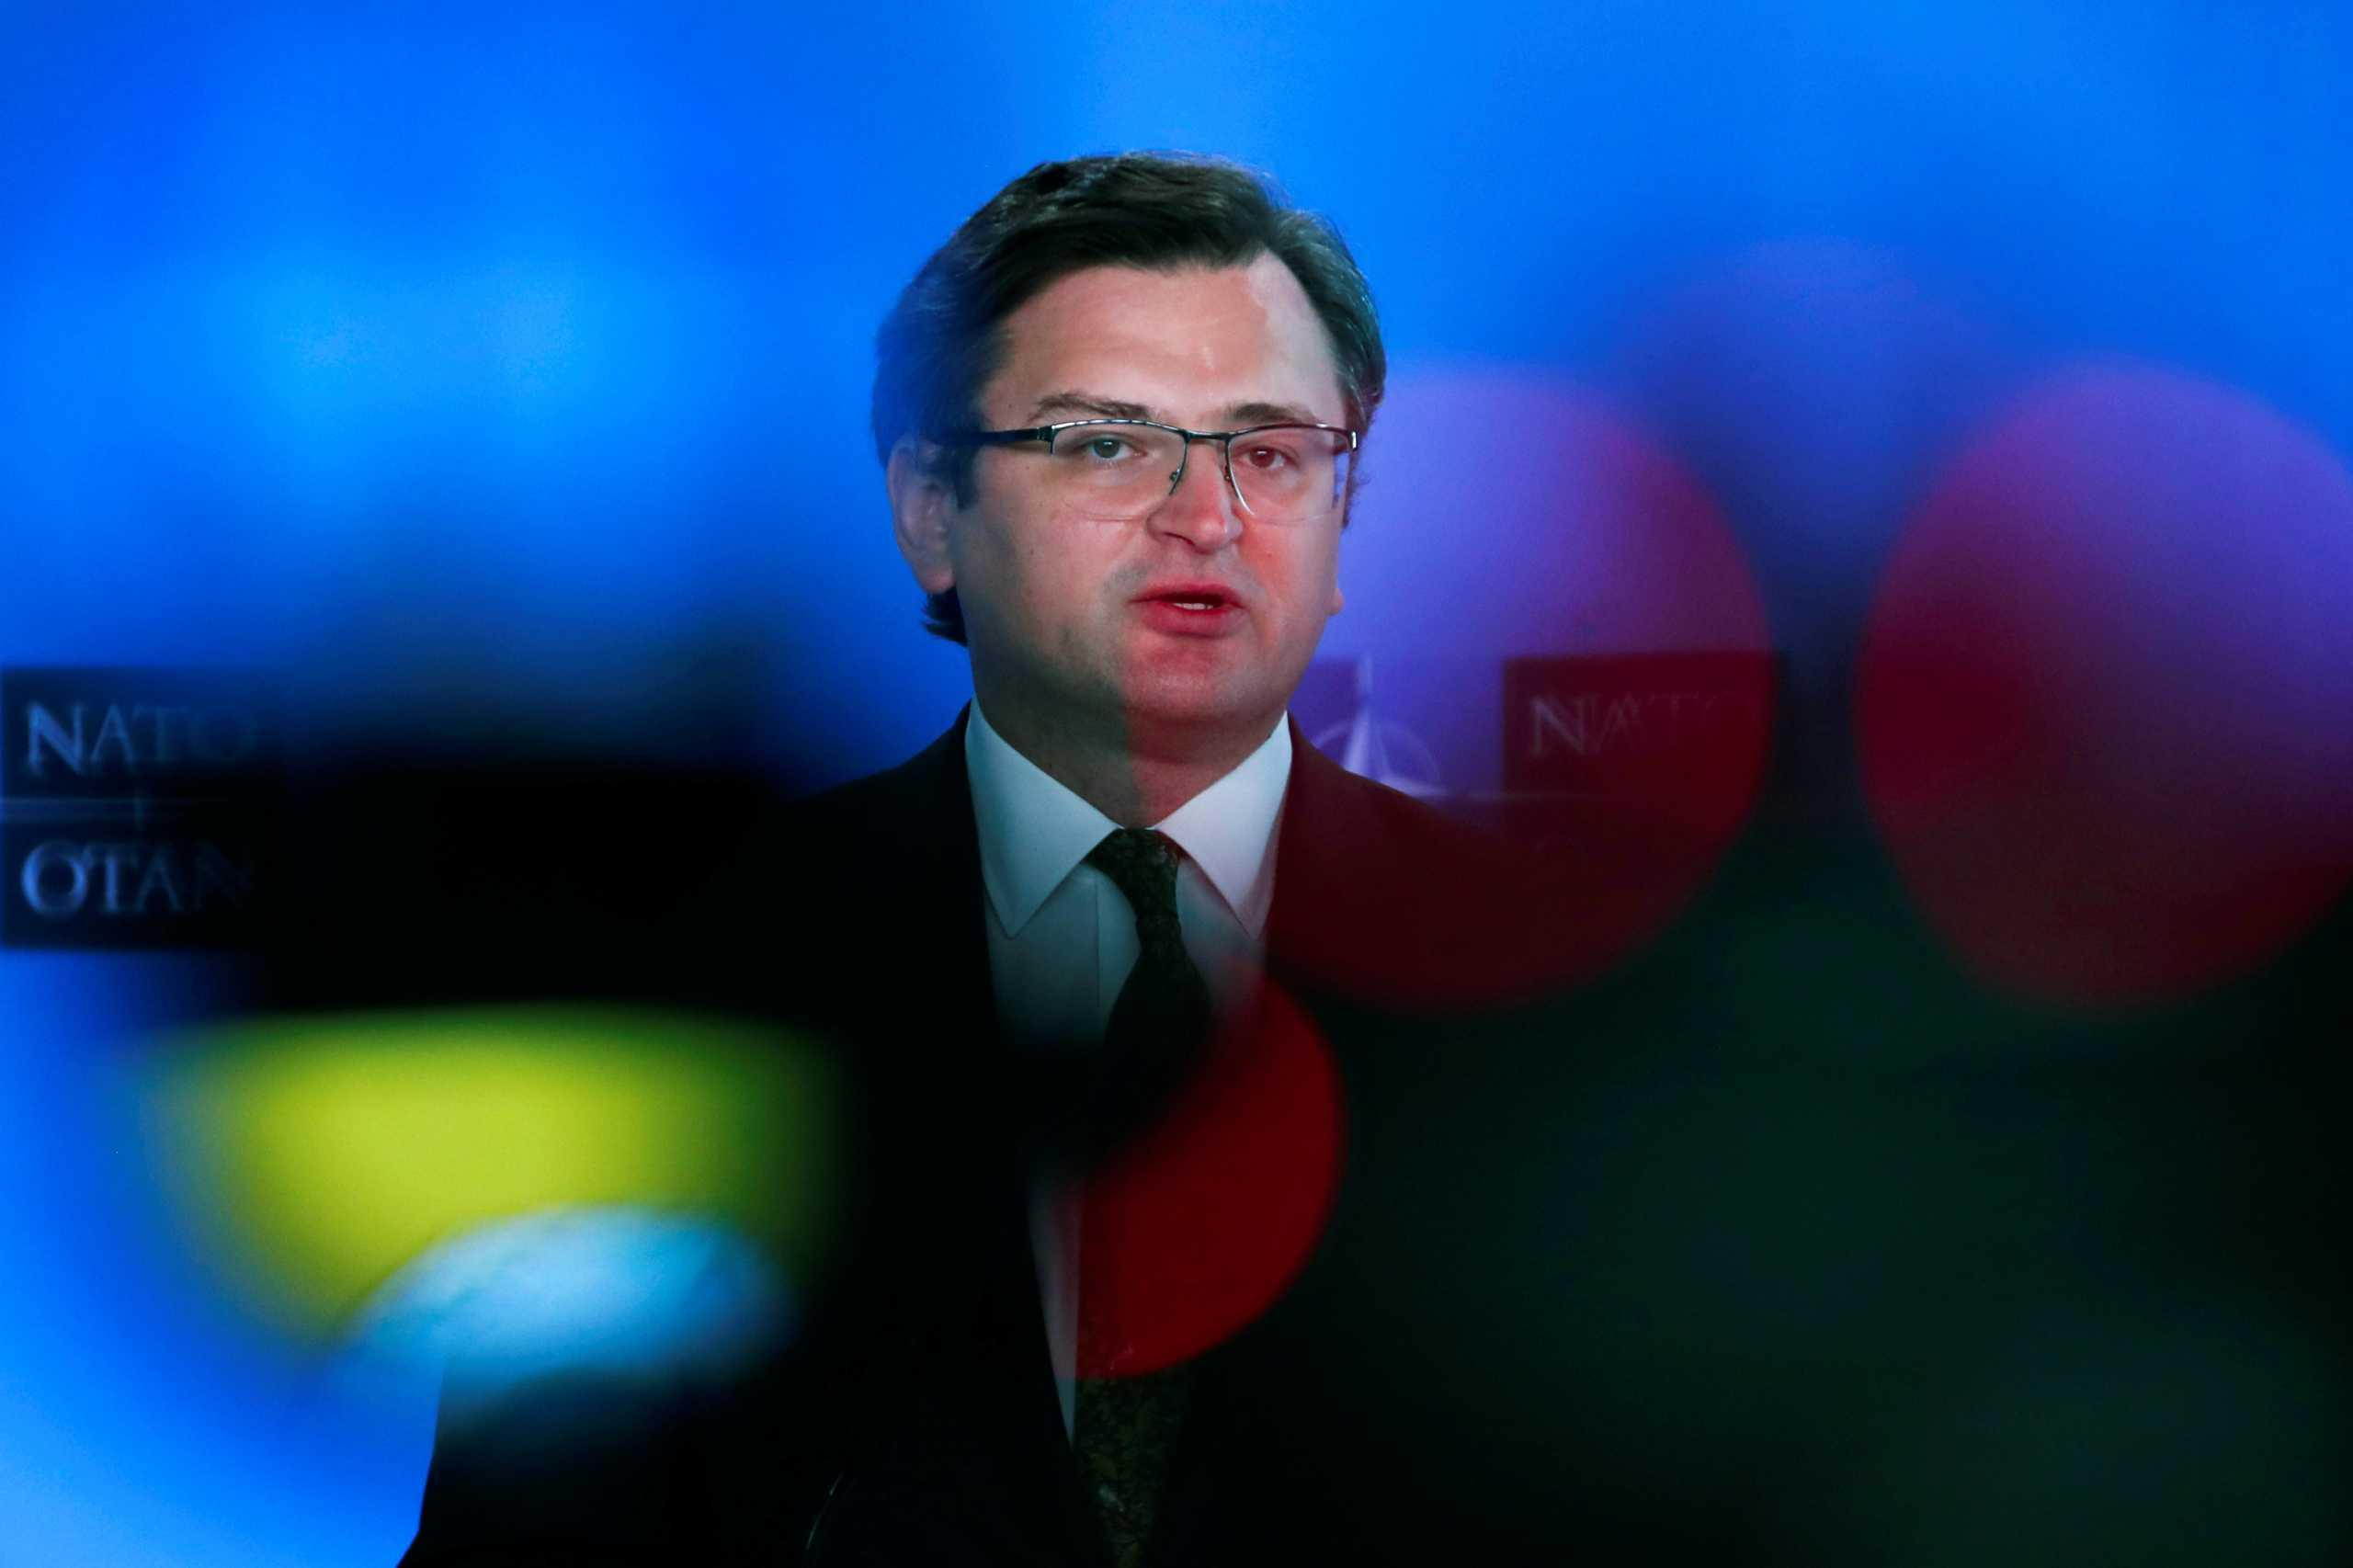 Ουκρανός ΥΠΕΞ: «Η Μόσχα απειλεί ανοιχτά το Κίεβο με καταστροφή»